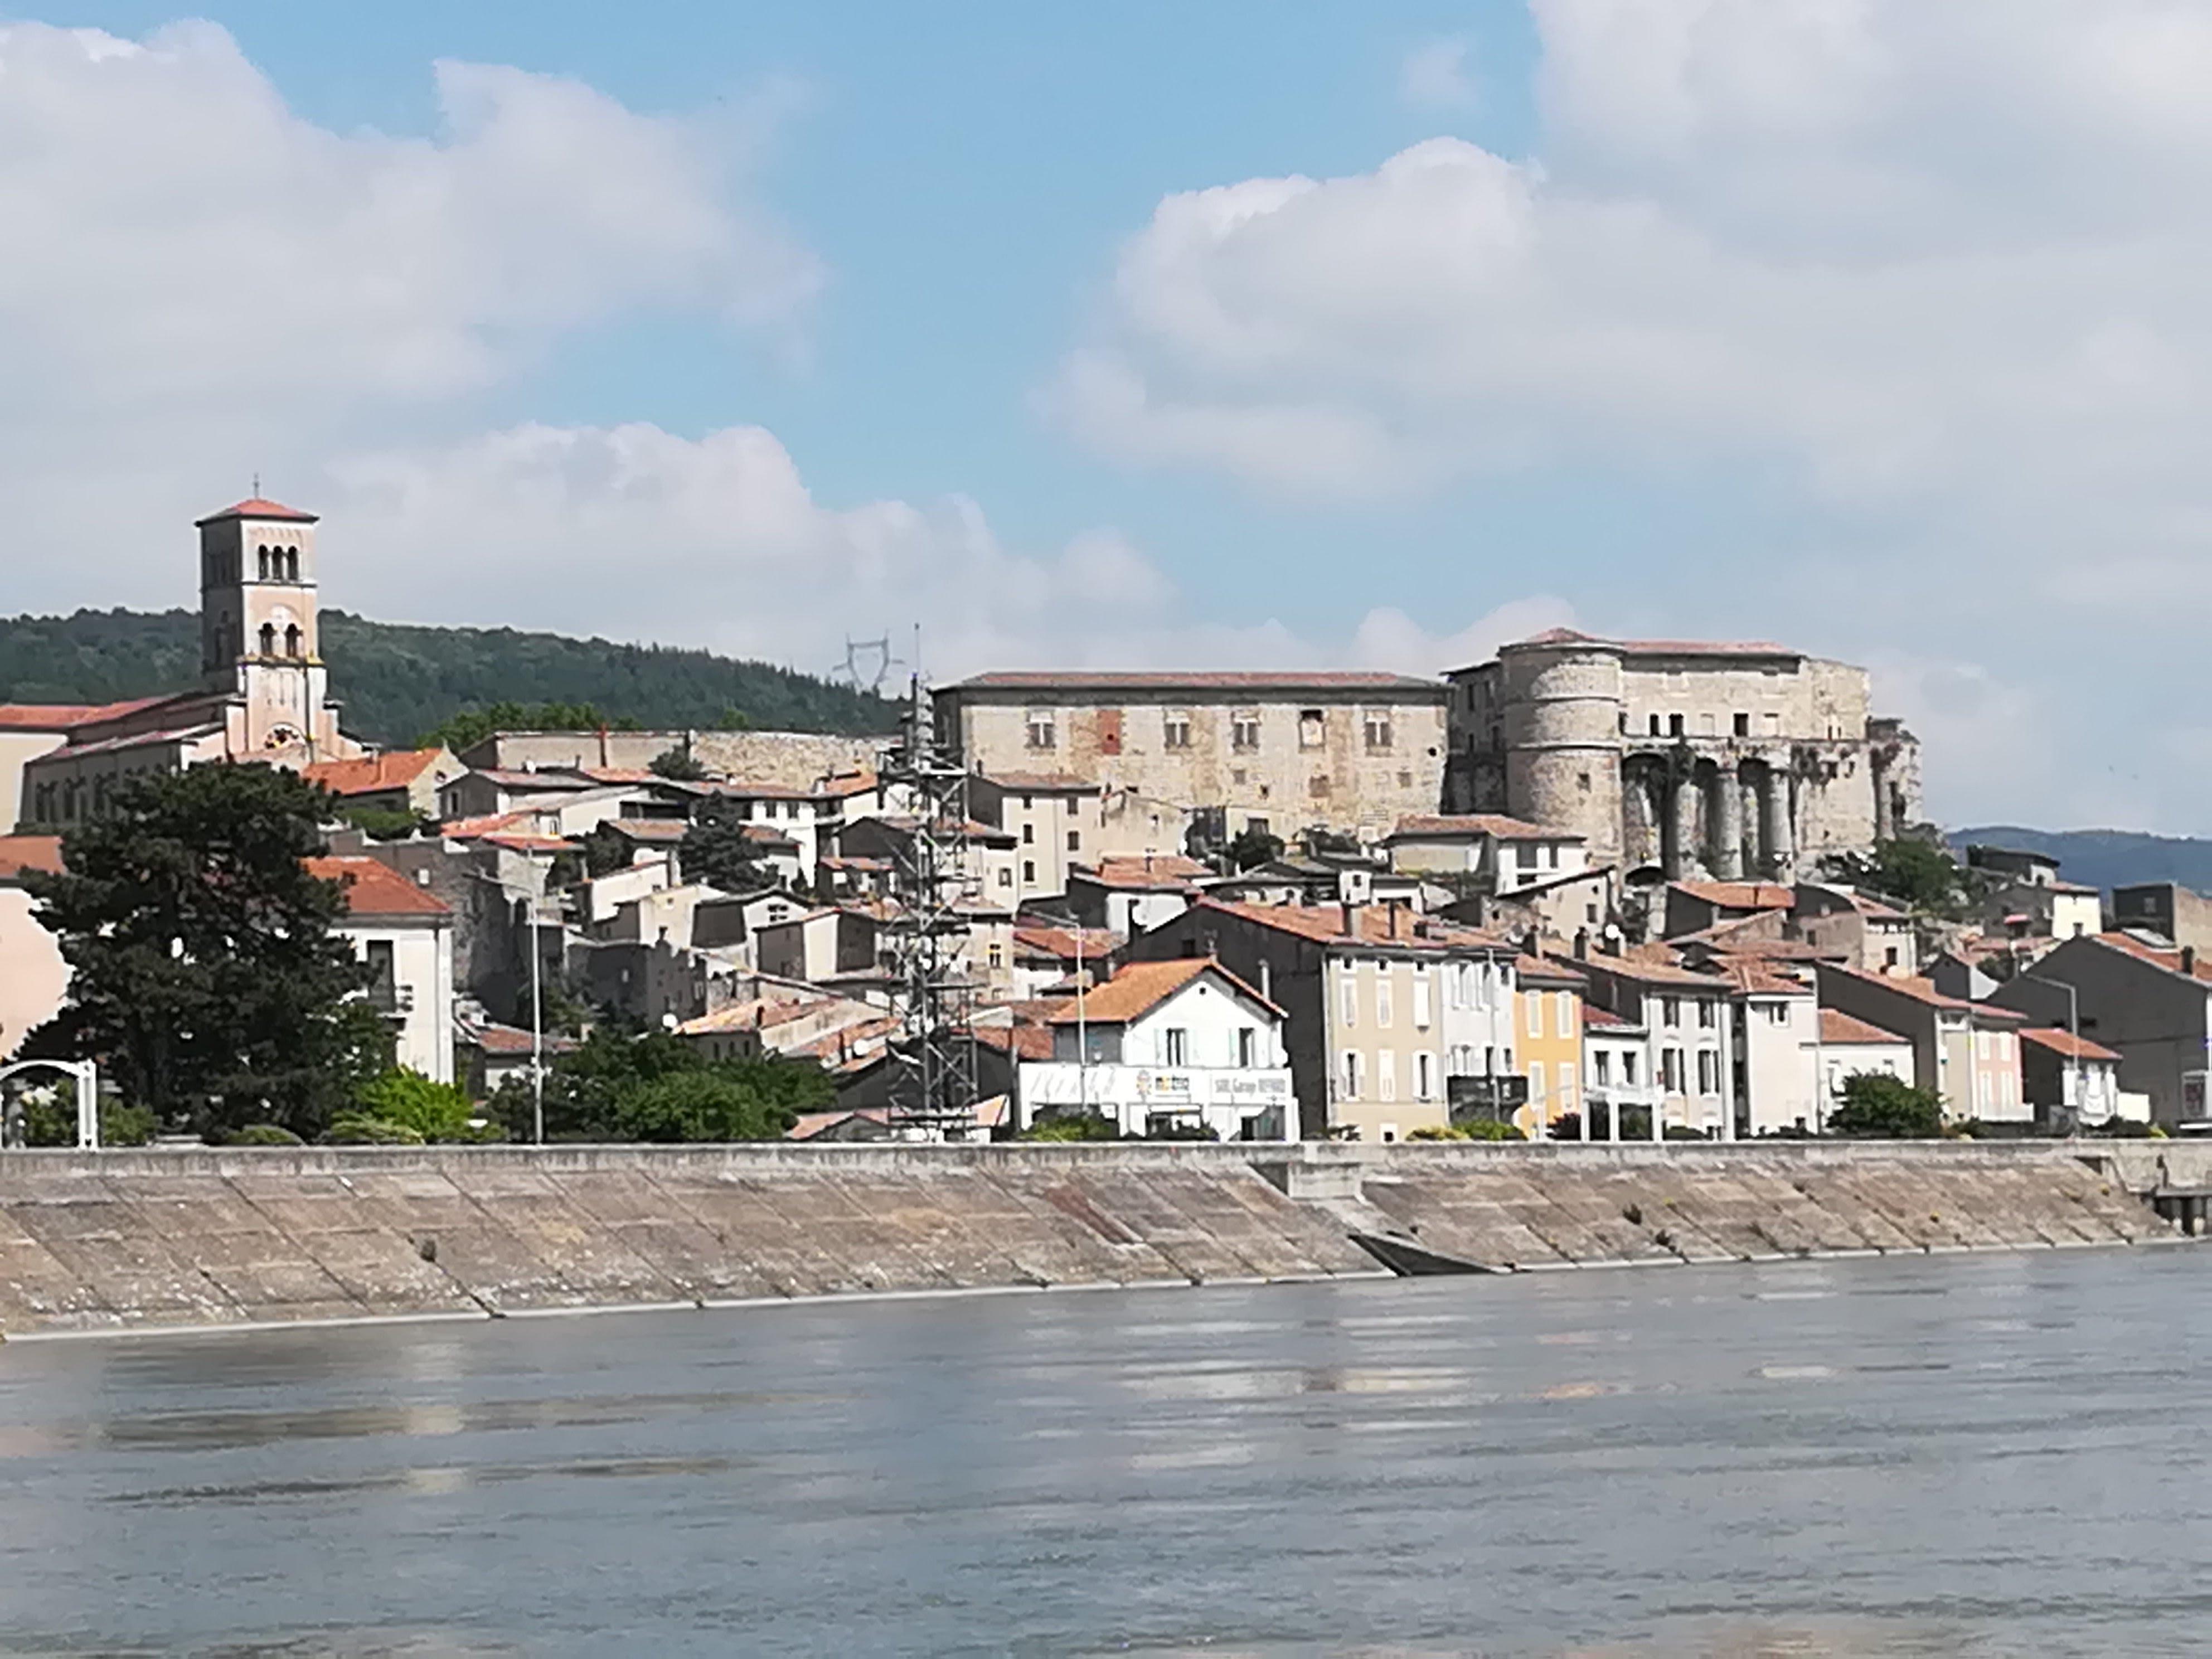 Events…Put it in your diary : Visite guidée du village de La Voulte-sur-Rhône : La Voulte-sur-Rhône à l'ombre du château